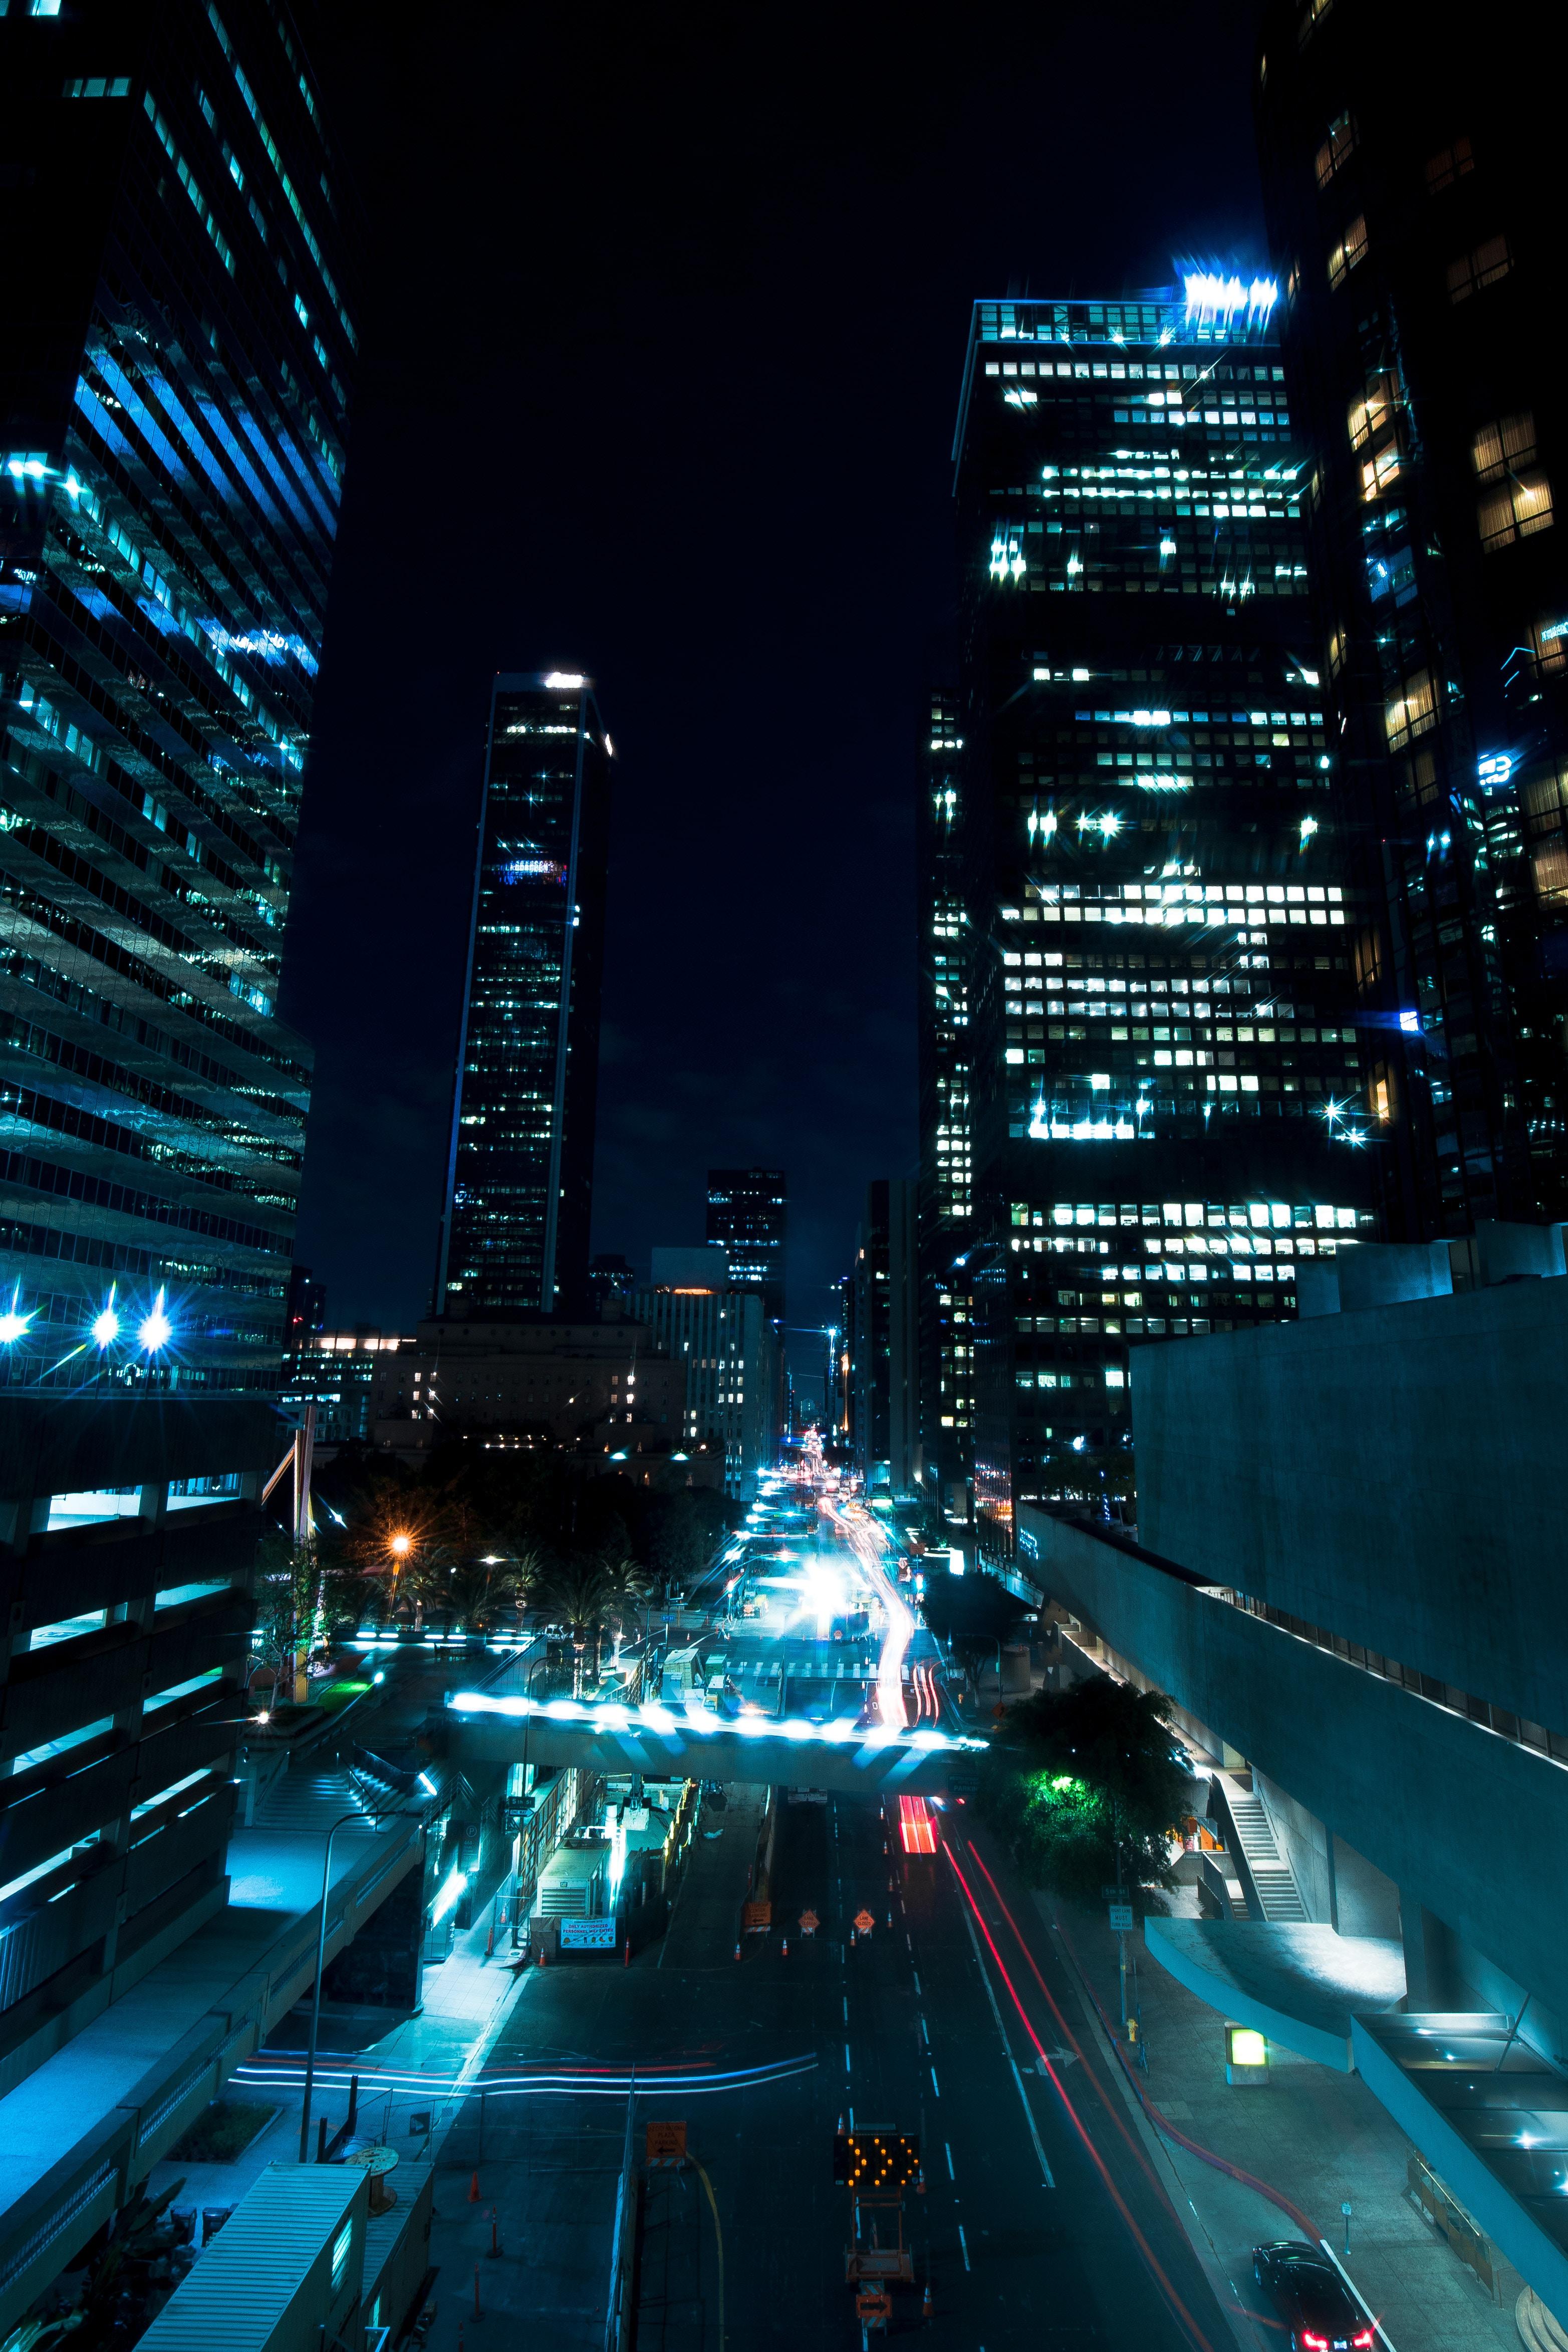 84114 скачать обои Улица, Городской, Огни, Подсветка, Здания, Архитектура, Города - заставки и картинки бесплатно